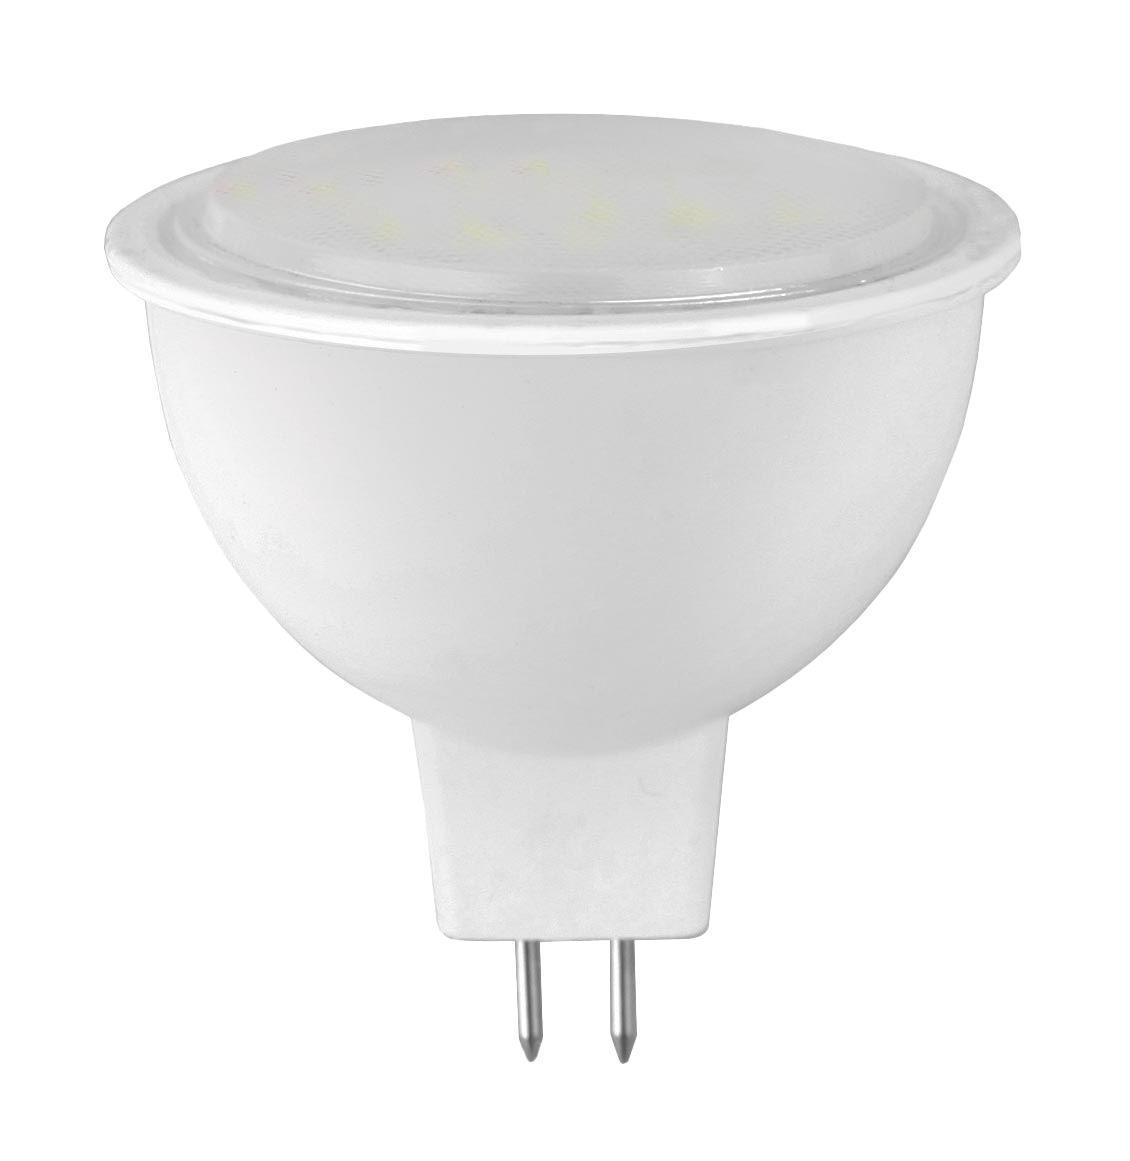 Camelion LED5-JCDR/830/GU5.3 светодиодная лампа, 5ВтLED5-JCDR/830/GU5.3Высокая вибро- и ударопрочность - отсутствуют нить накаливания и хрупкие стеклянные трубки. Широкий температурный диапазон эксплуатации (от -30 C до +40 C) - возможность использования ламп вне помещений. Могут применяться как для основного, так и для акцентированного освещения. Экономия электроэнергии до 90% без ущерба для освещенности и качества света по сравнению с обычными лампами накаливания такой же яркости. Мгновенное включение и выход на полную яркость. Светодиодные лампы для точечных светильников - это замена традиционных и повсеместно используемых галогенных ламп типа JCDR.Отличительной особенностью светодиодных ламп точечного света является низкое энергопотребление и почти отсутствие нагрева в процессе эксплуатации. При этом -это лампы с высоким сроком службы 30 000 - 50 000 часов. Если вы хотите экономить, и готовы на начальном этапе потратиться, тогда ваш выбор светодиодное освещение. Если же по каким-то причинам светодиодные источники света вас не устраивают, но при этом вы хотите все же экономить - обратите внимание на энергосберегающие компактные люминесцентные лампы точечного света.Напряжение: 220-240 В / 50 Гц.